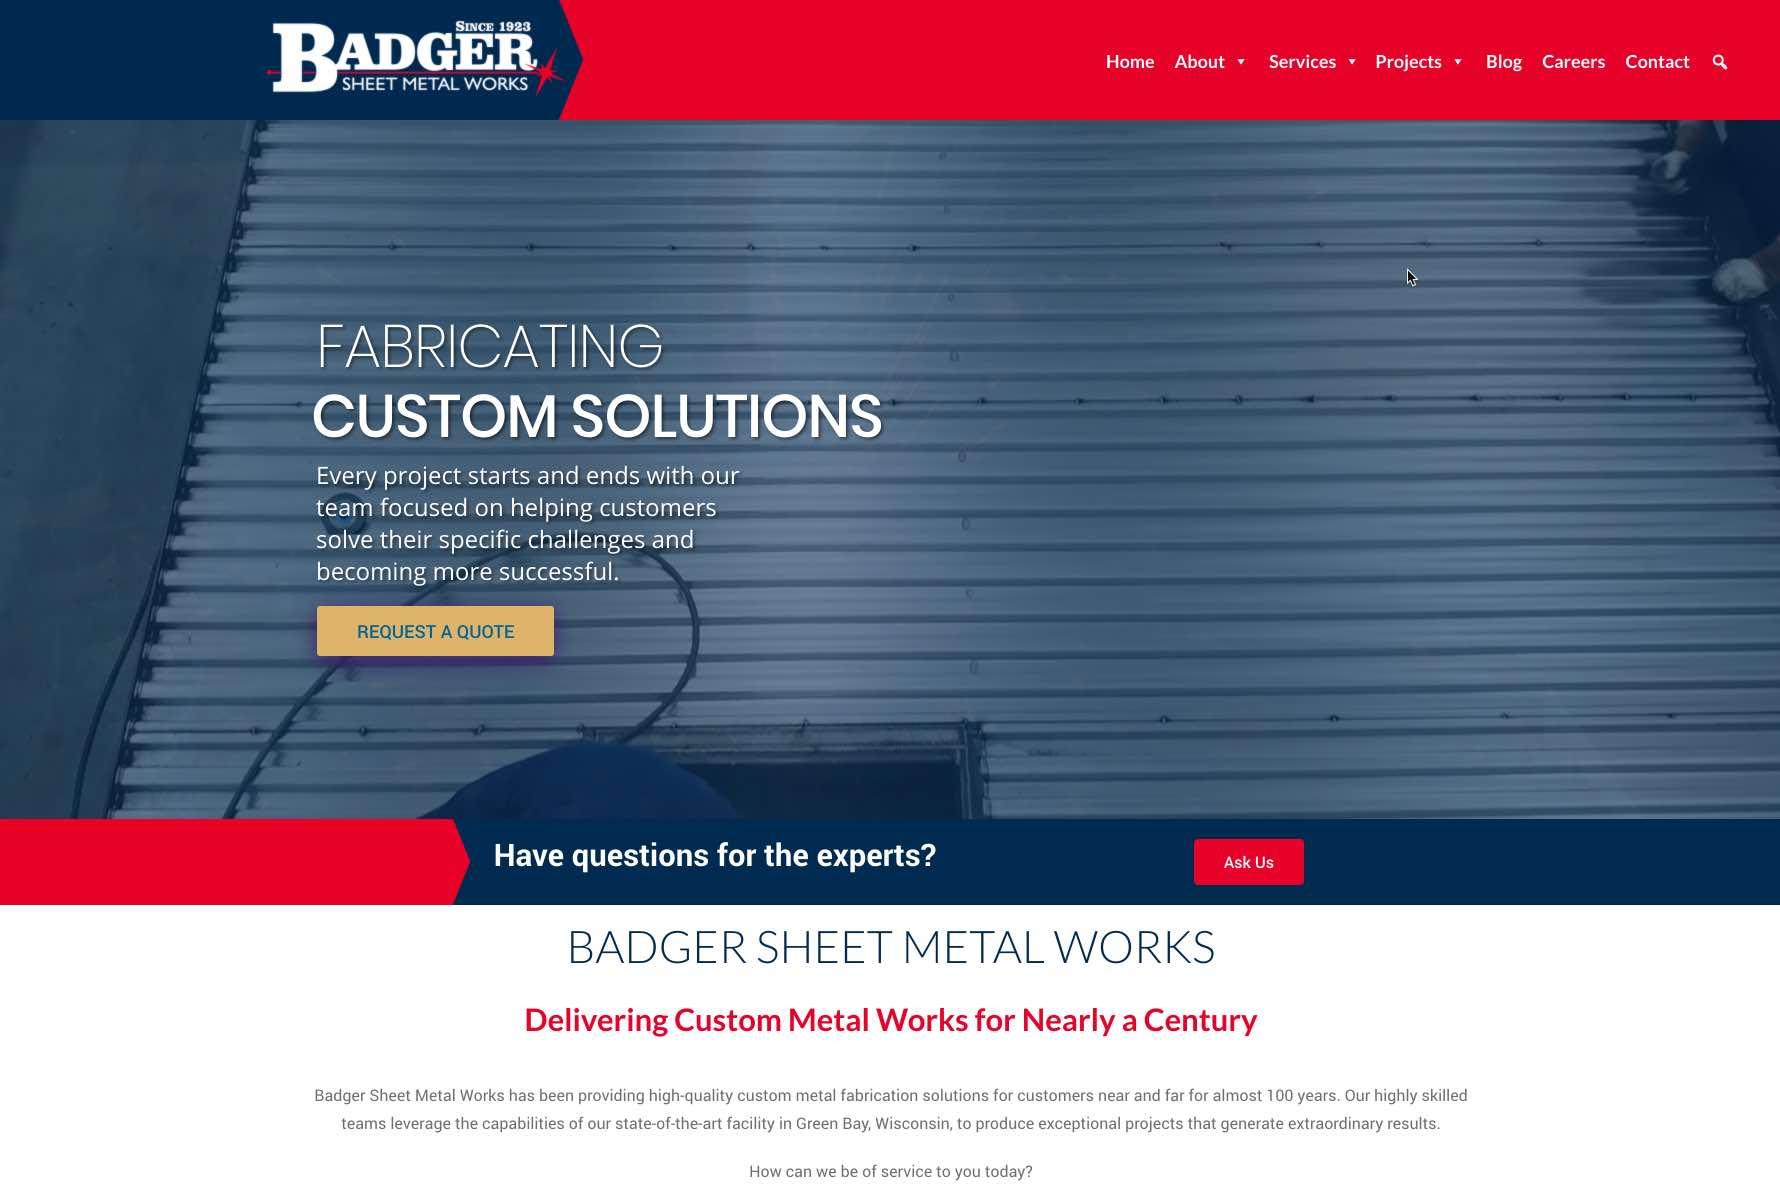 Badger Sheet Metal Works website update focuses on capabilities